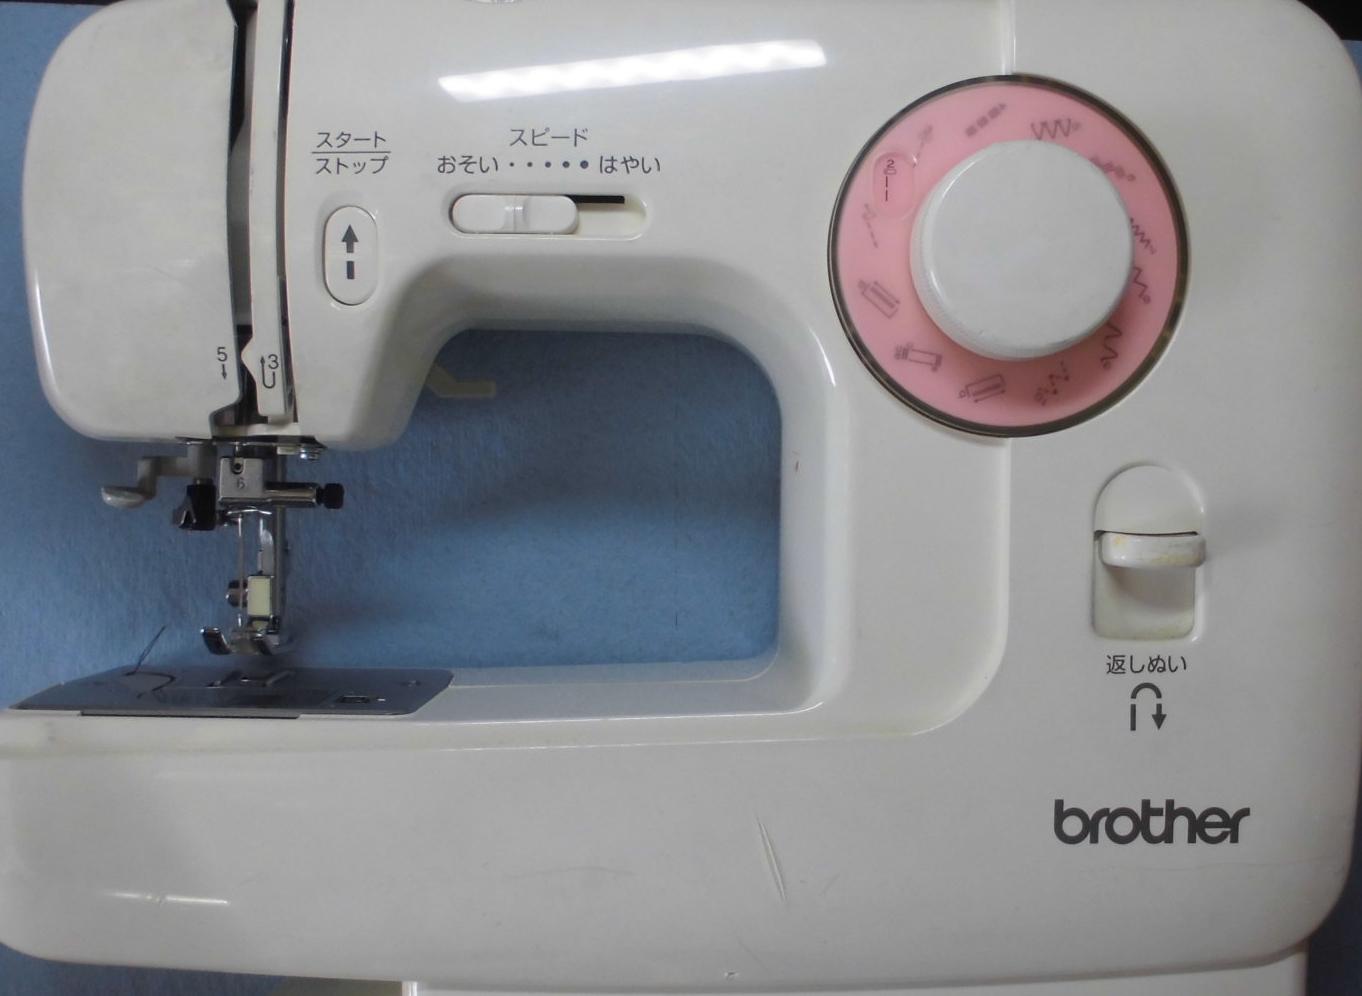 ブラザーミシン修理|EL135|シルフィ|下糸が出ない、縫えない、釜が回らない、釜ずれ